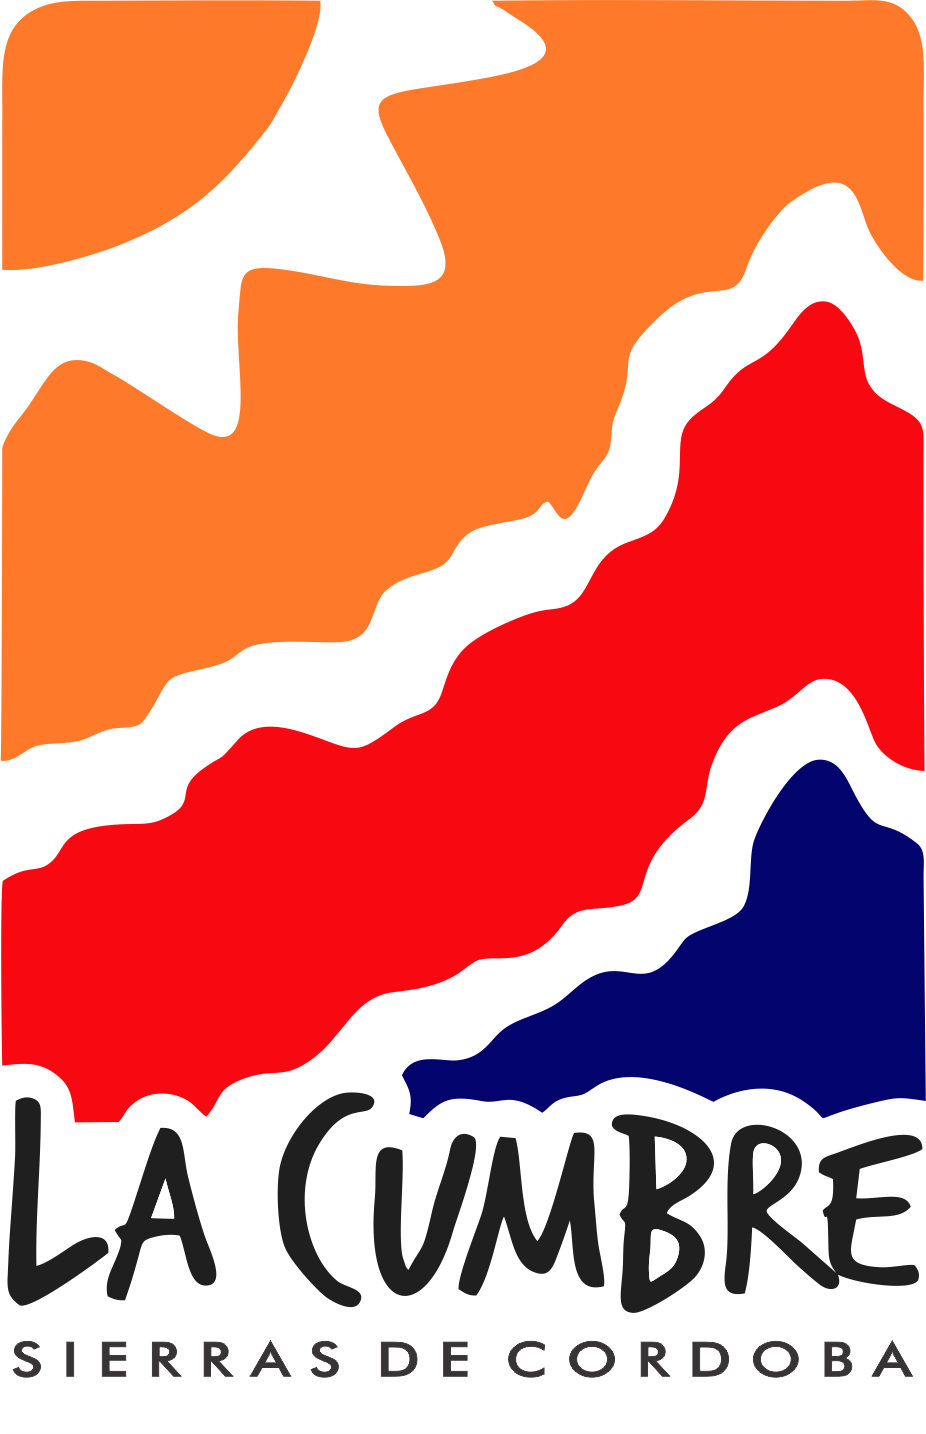 La Cumbre - Cordoba - Argentina